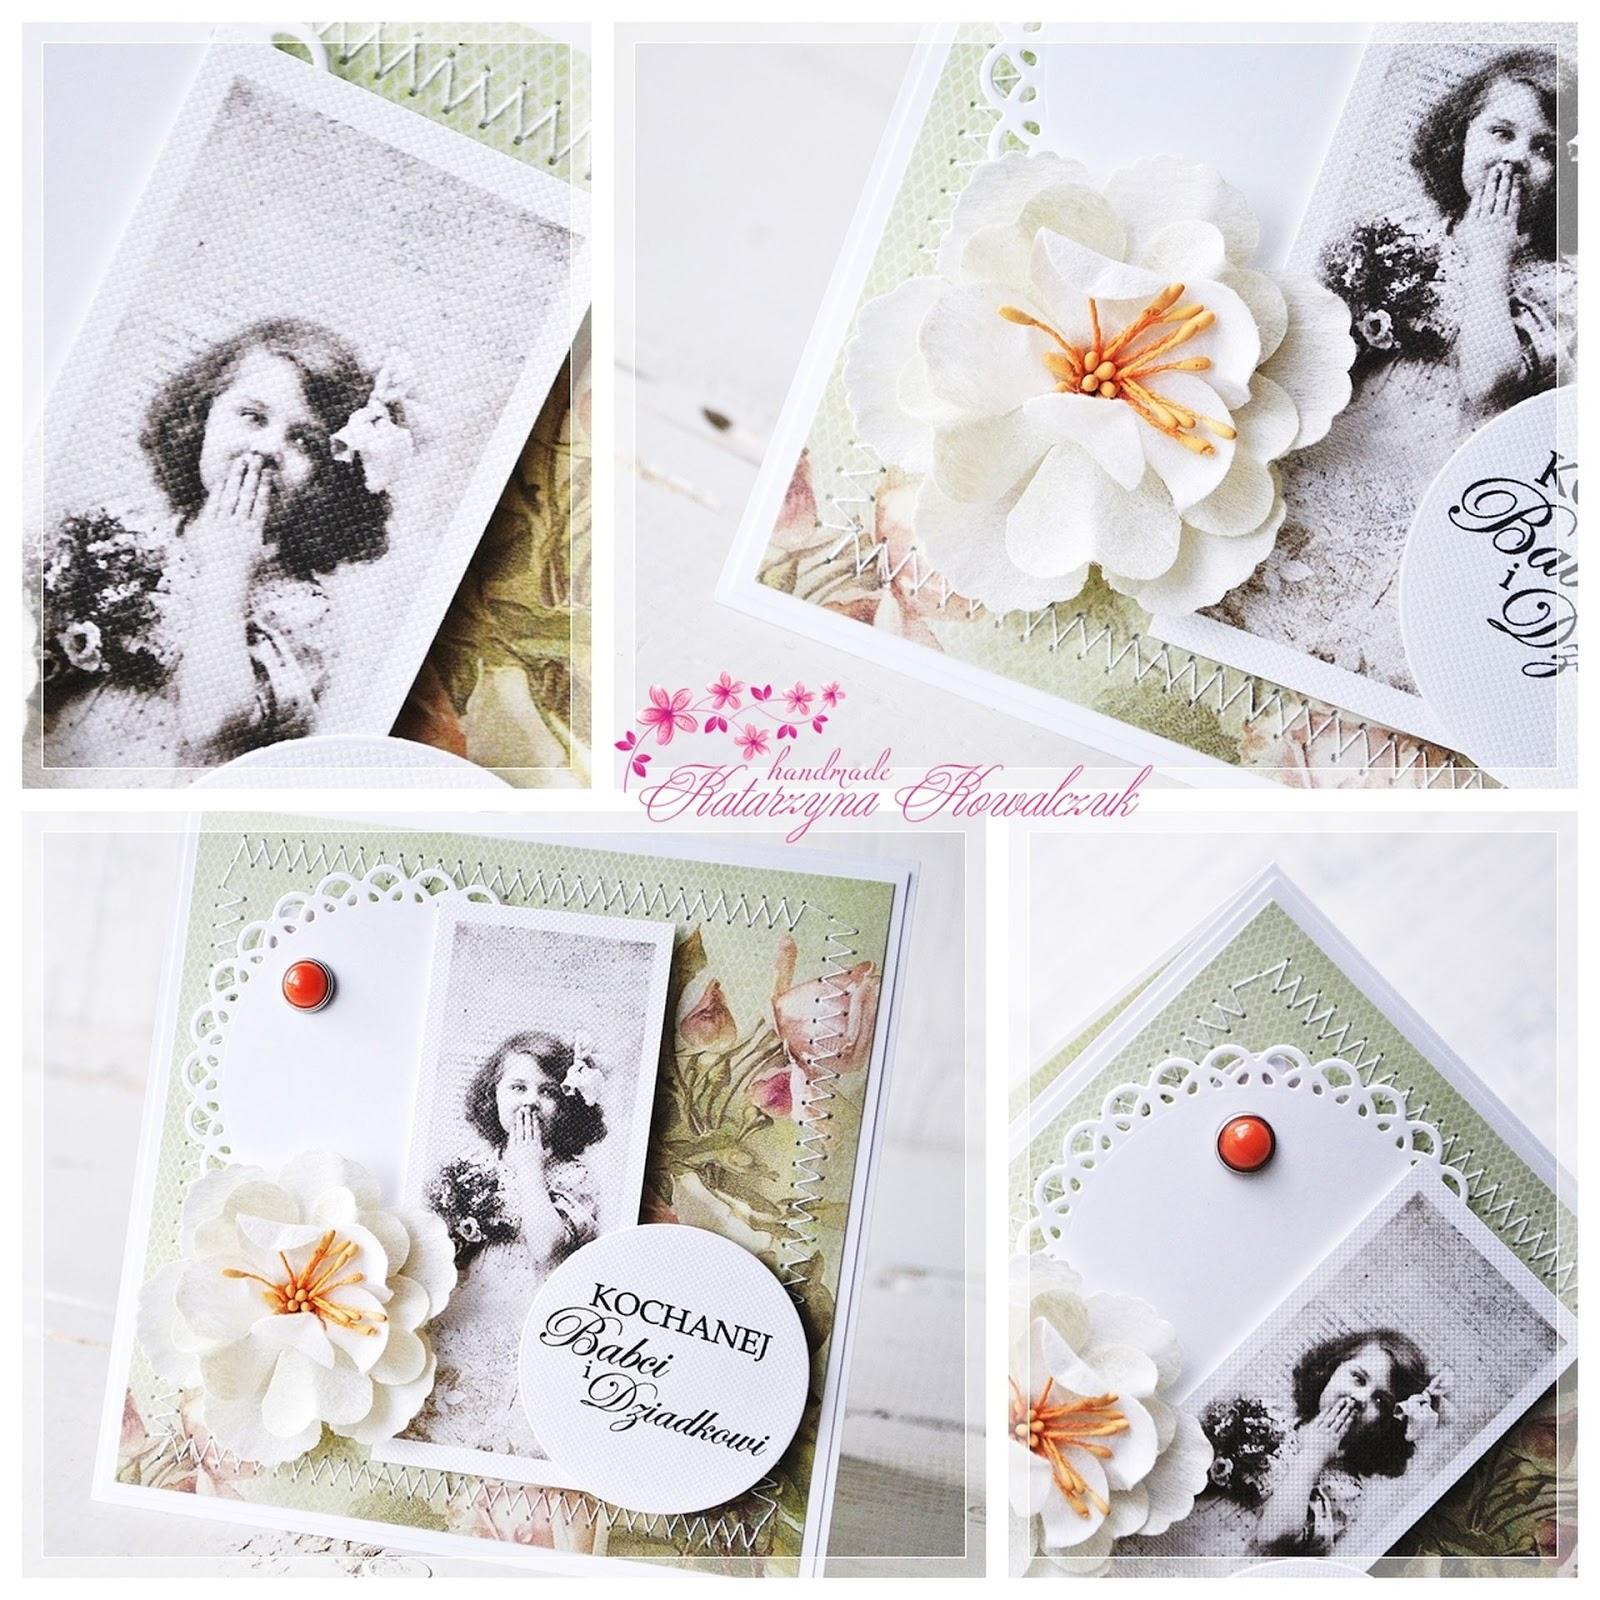 kartka dla babci i dziadka scrapbooking